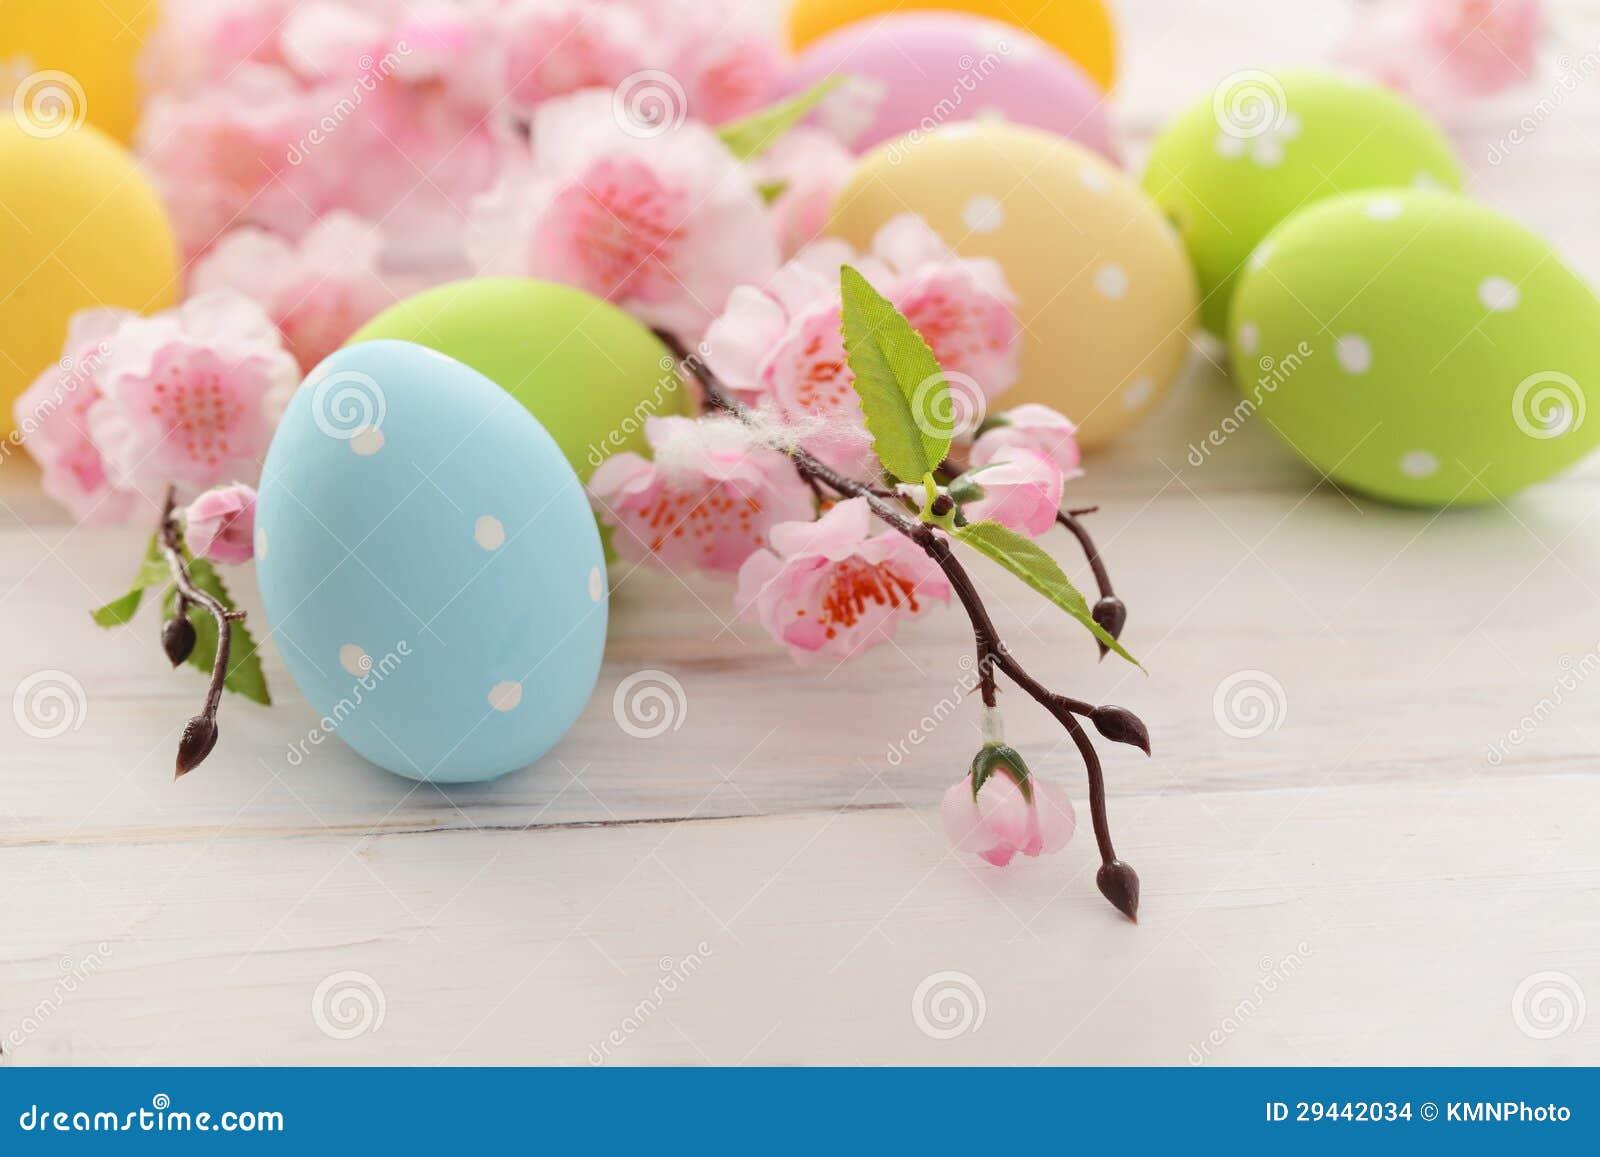 Decoración de Pascua